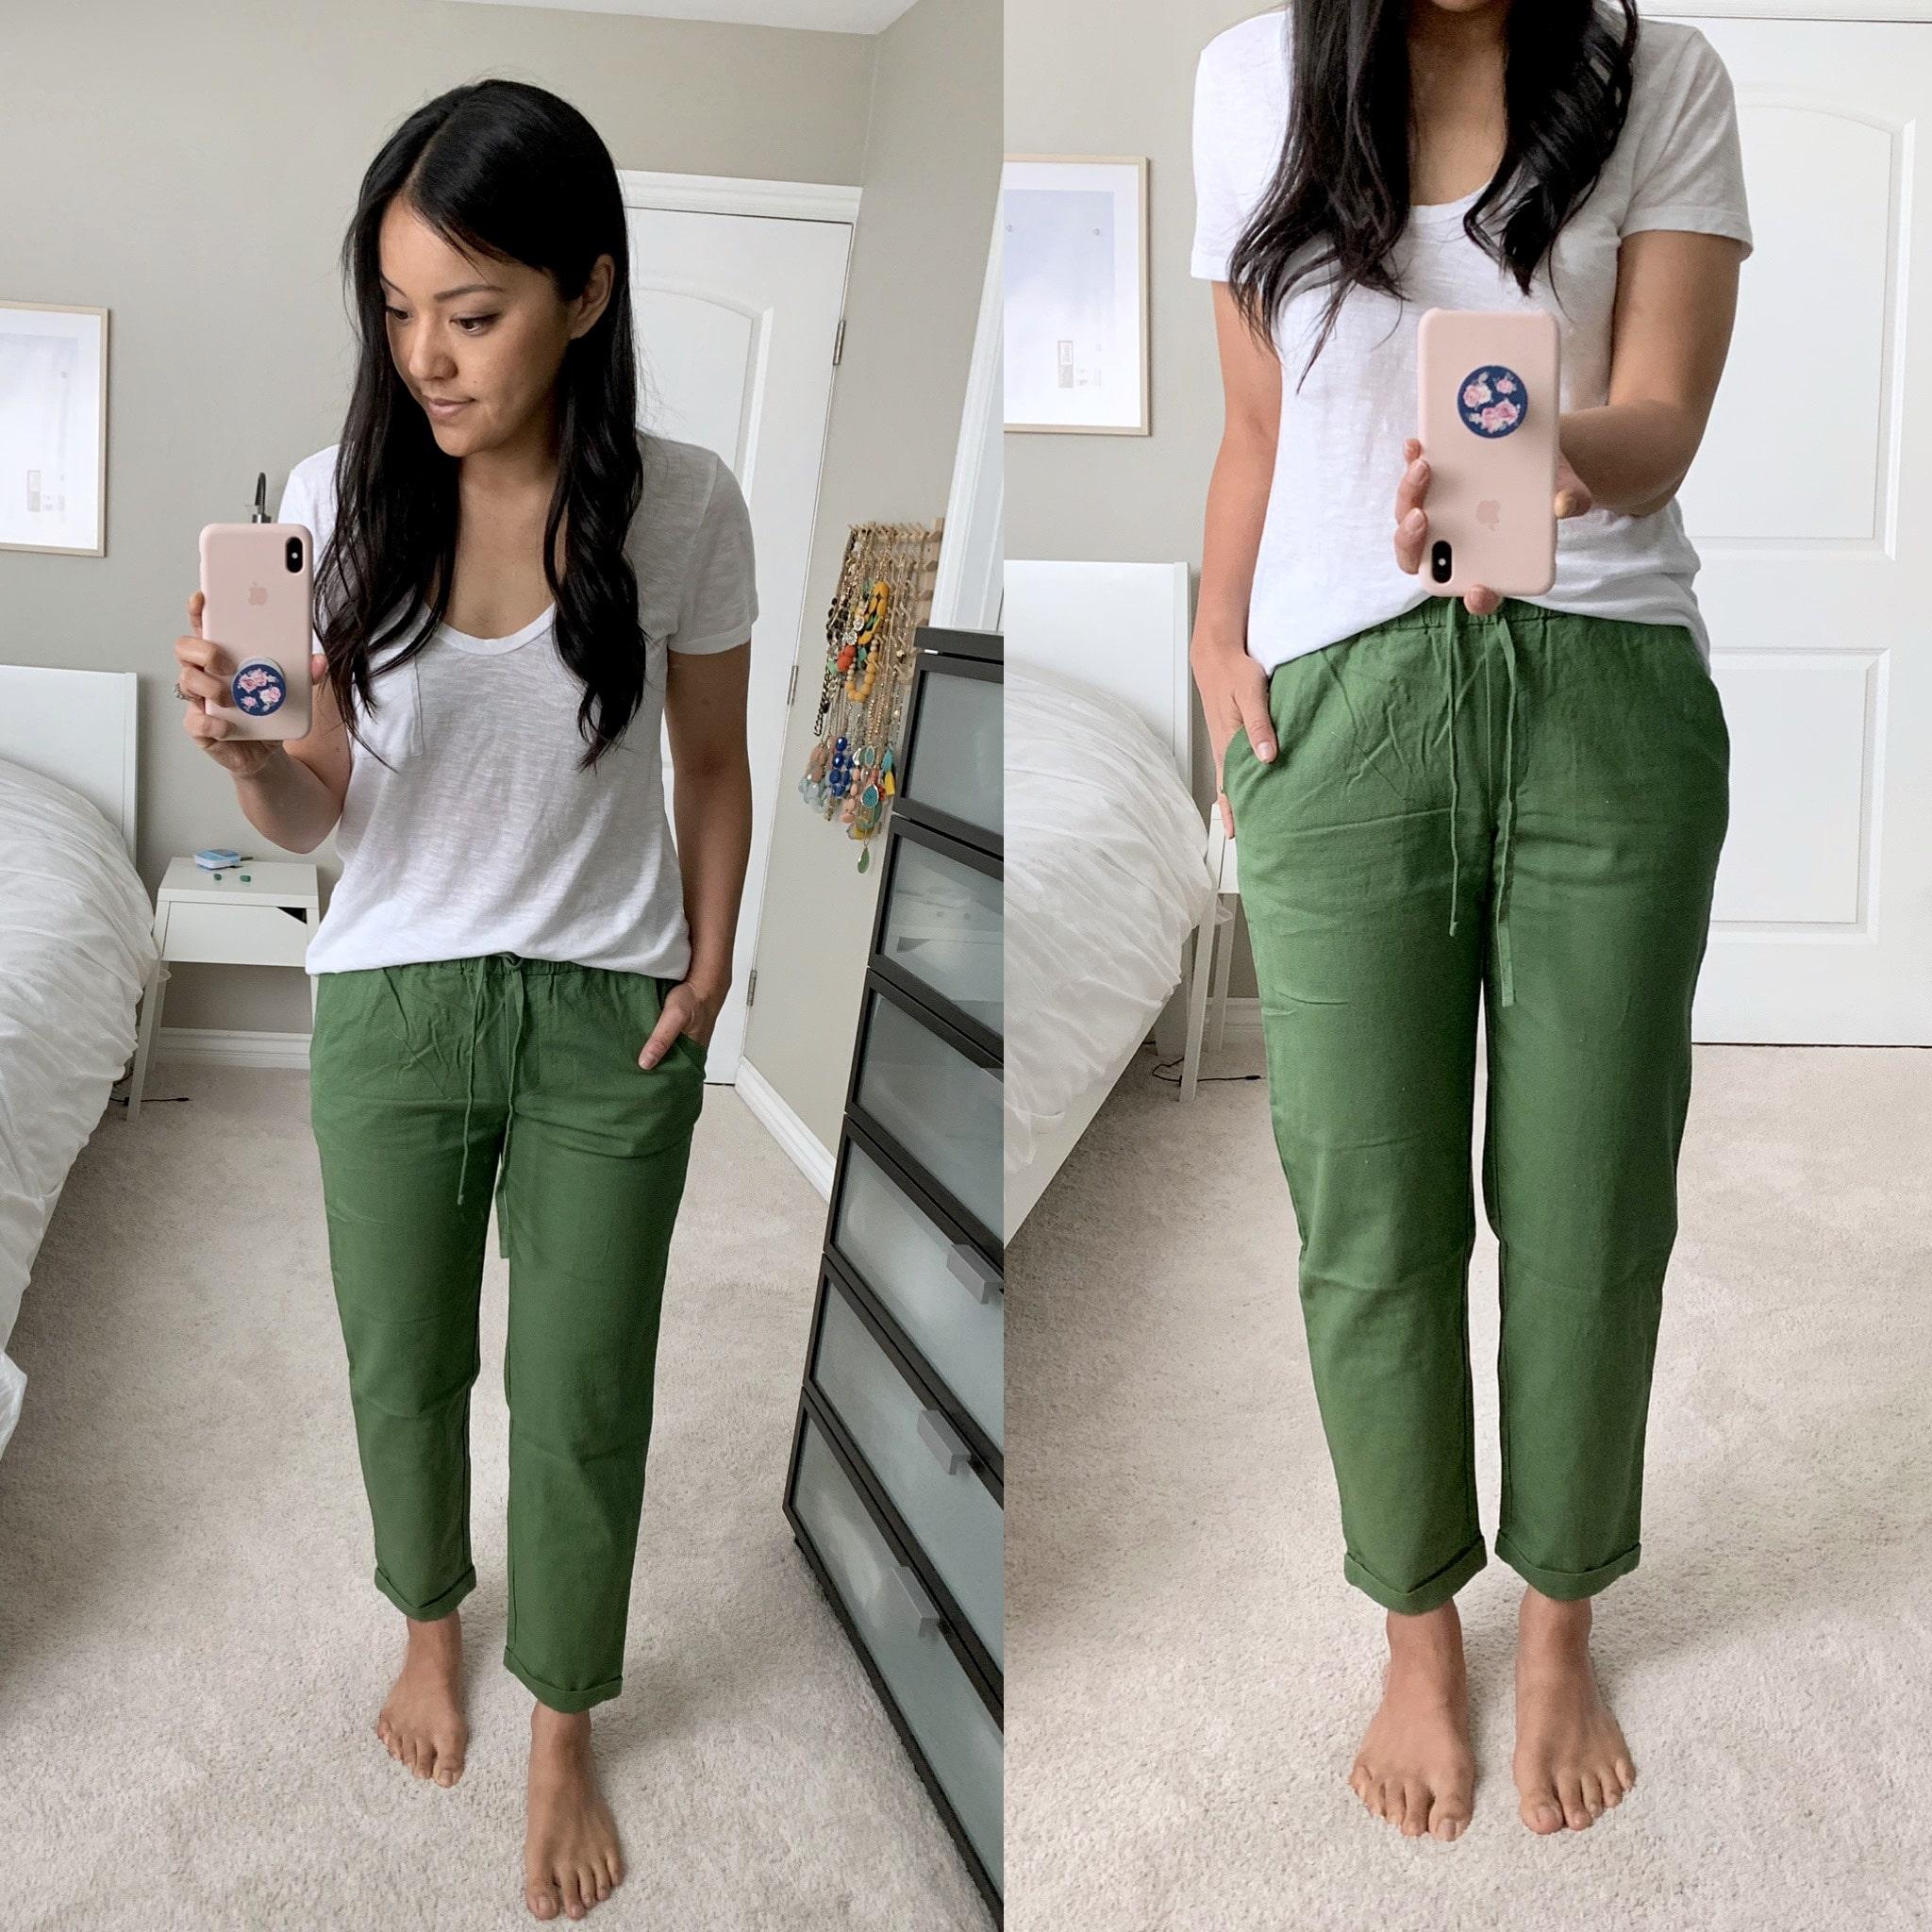 j.crew factory linen pants review